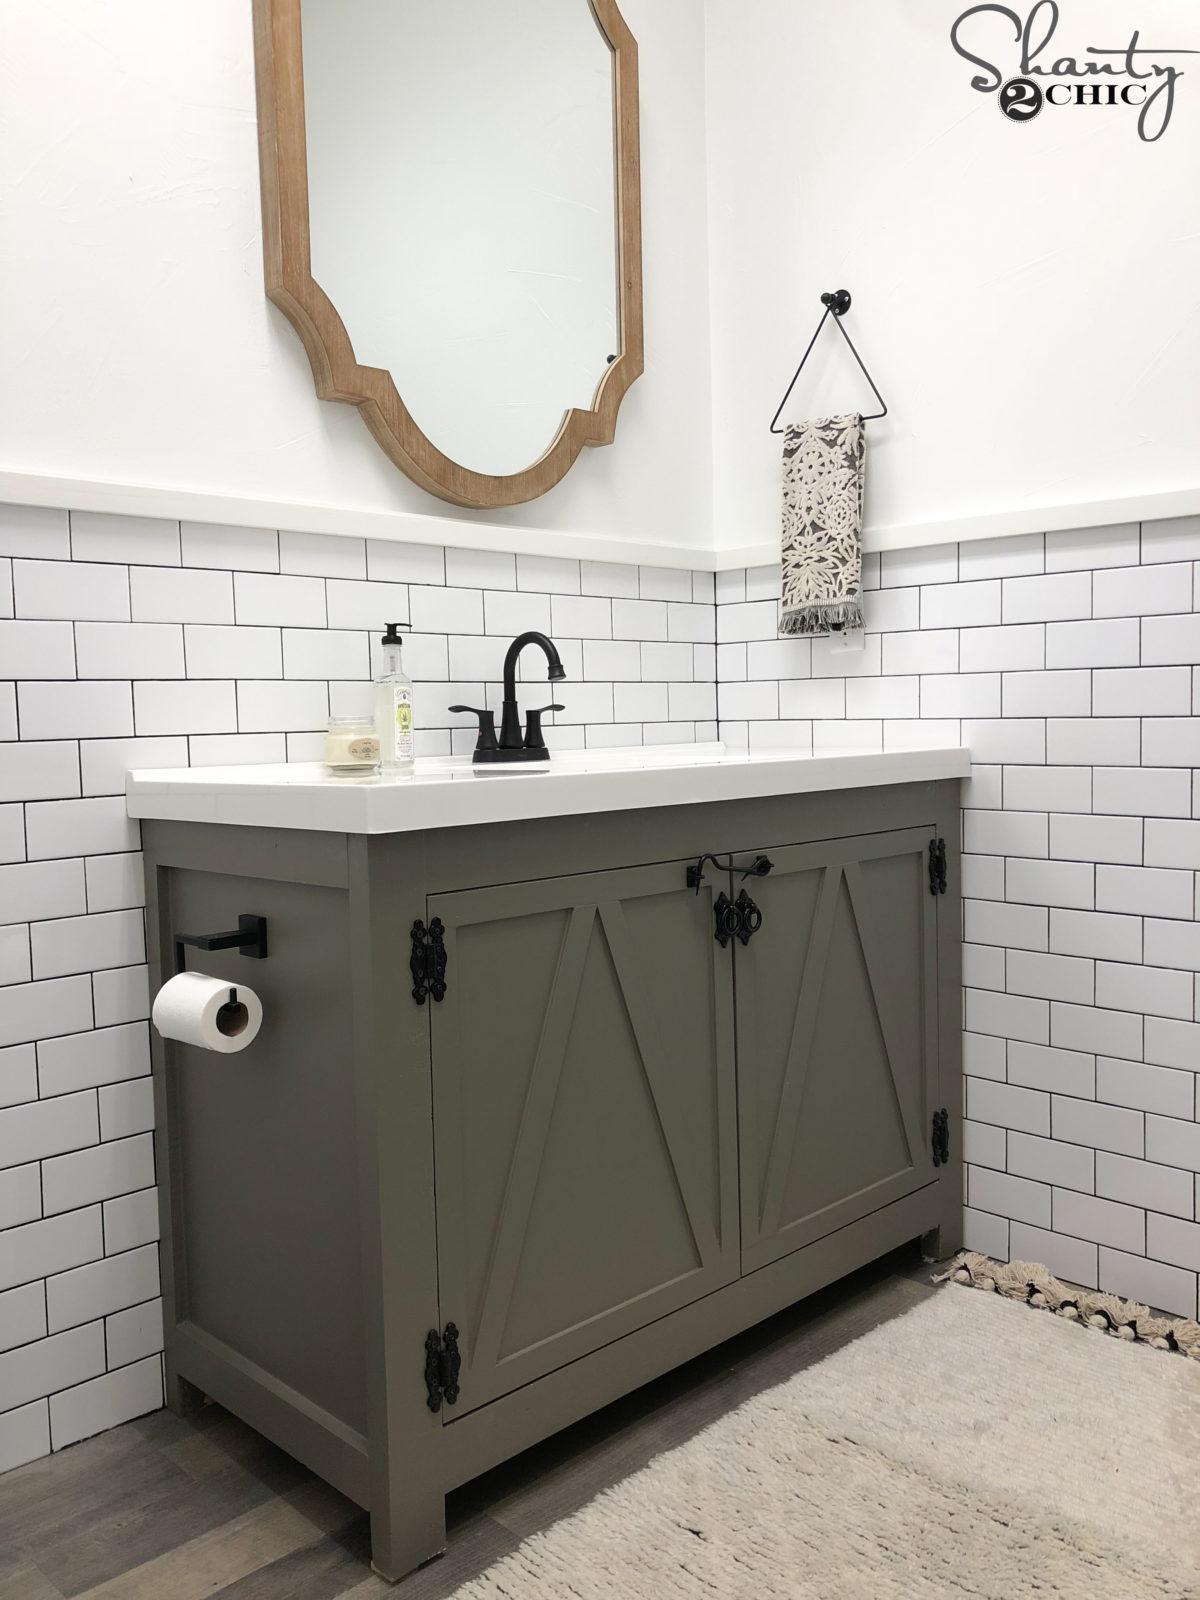 DIY Modern Farmhouse Bathroom Vanity - Shanty 5 Chic